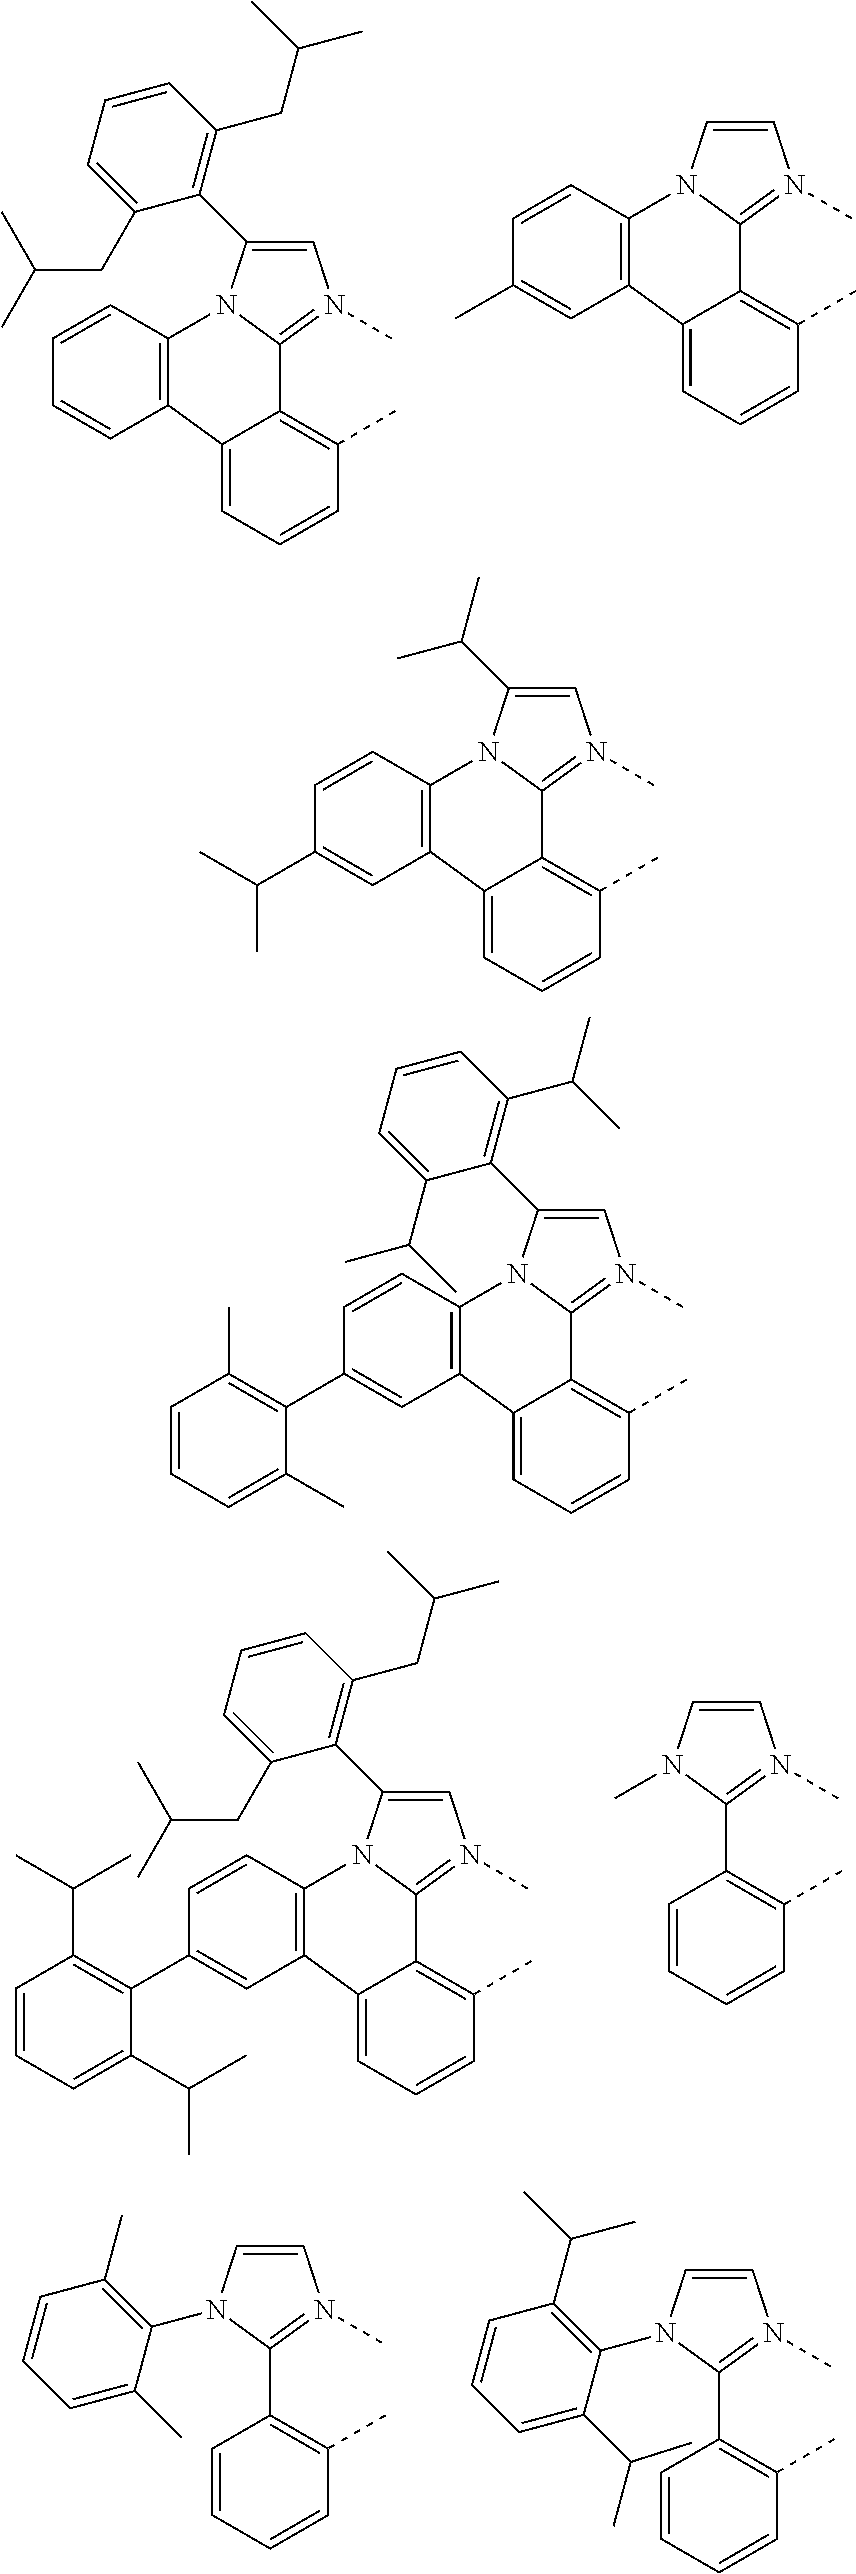 Figure US09773985-20170926-C00024